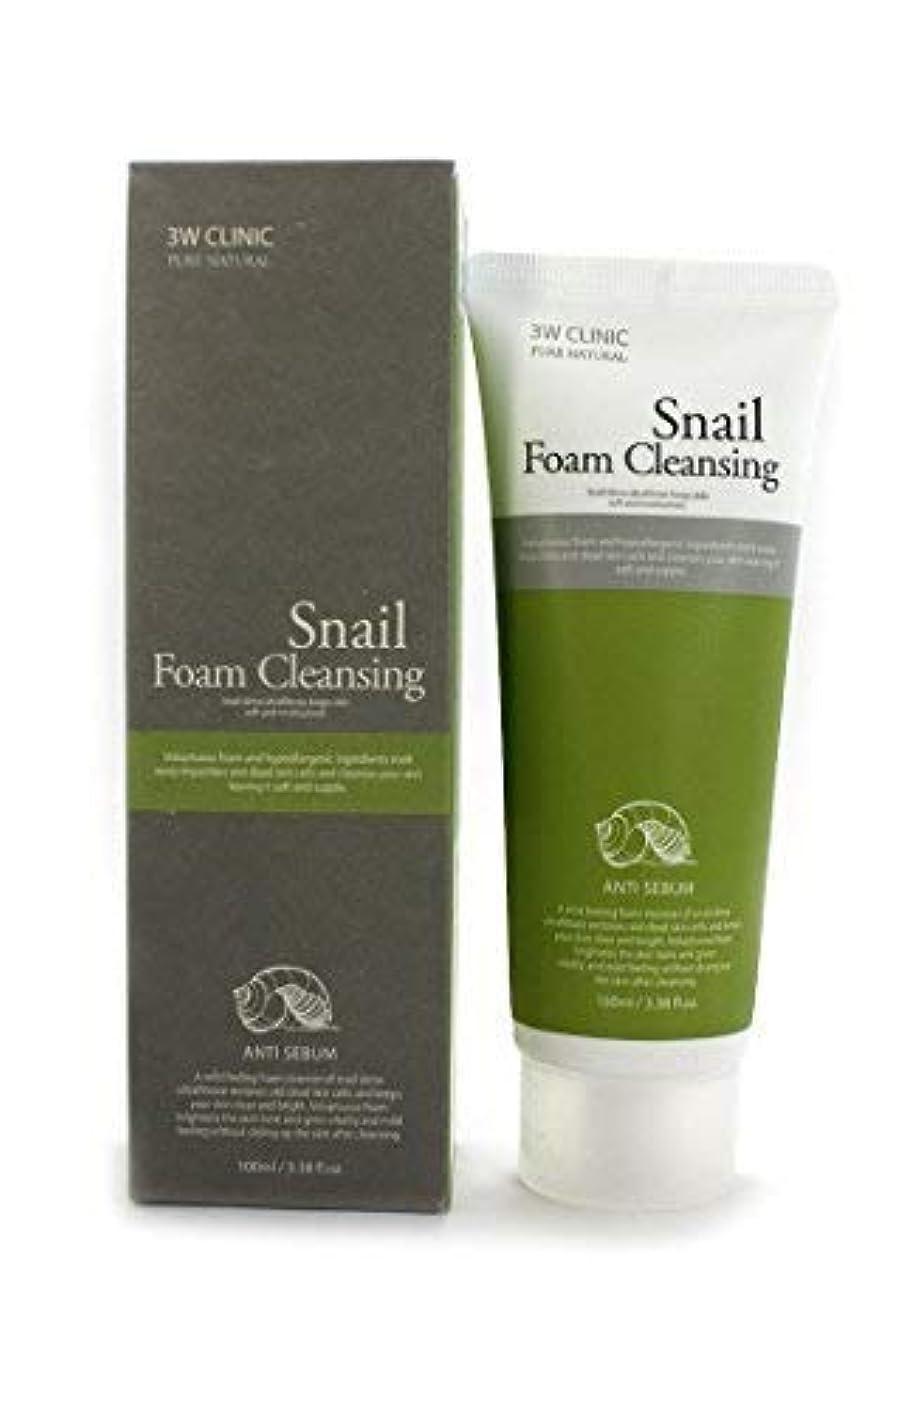 我慢するメトリック困惑Snail Foam Cleansing クリニック純粋な天然100Ml(3.38Fl。オズ) [並行輸入品]